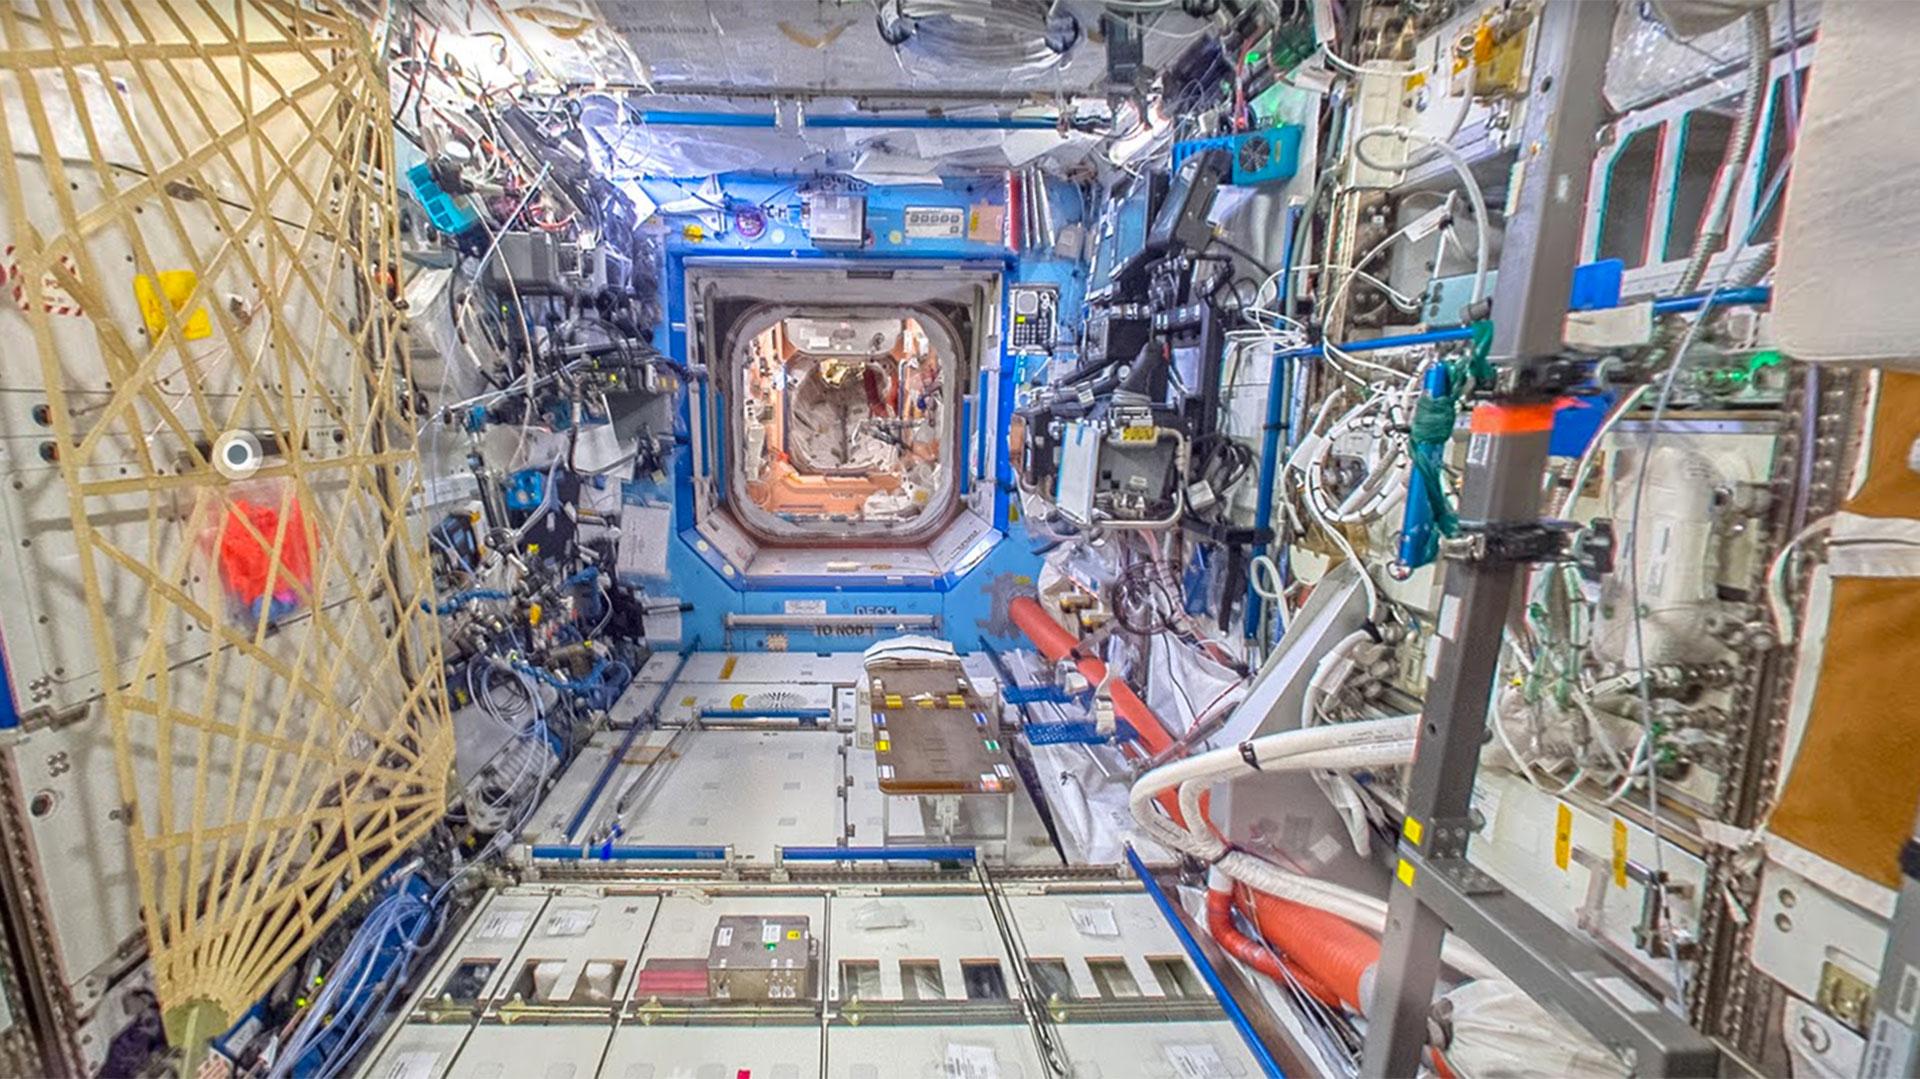 Imágen de la ISS por dentro